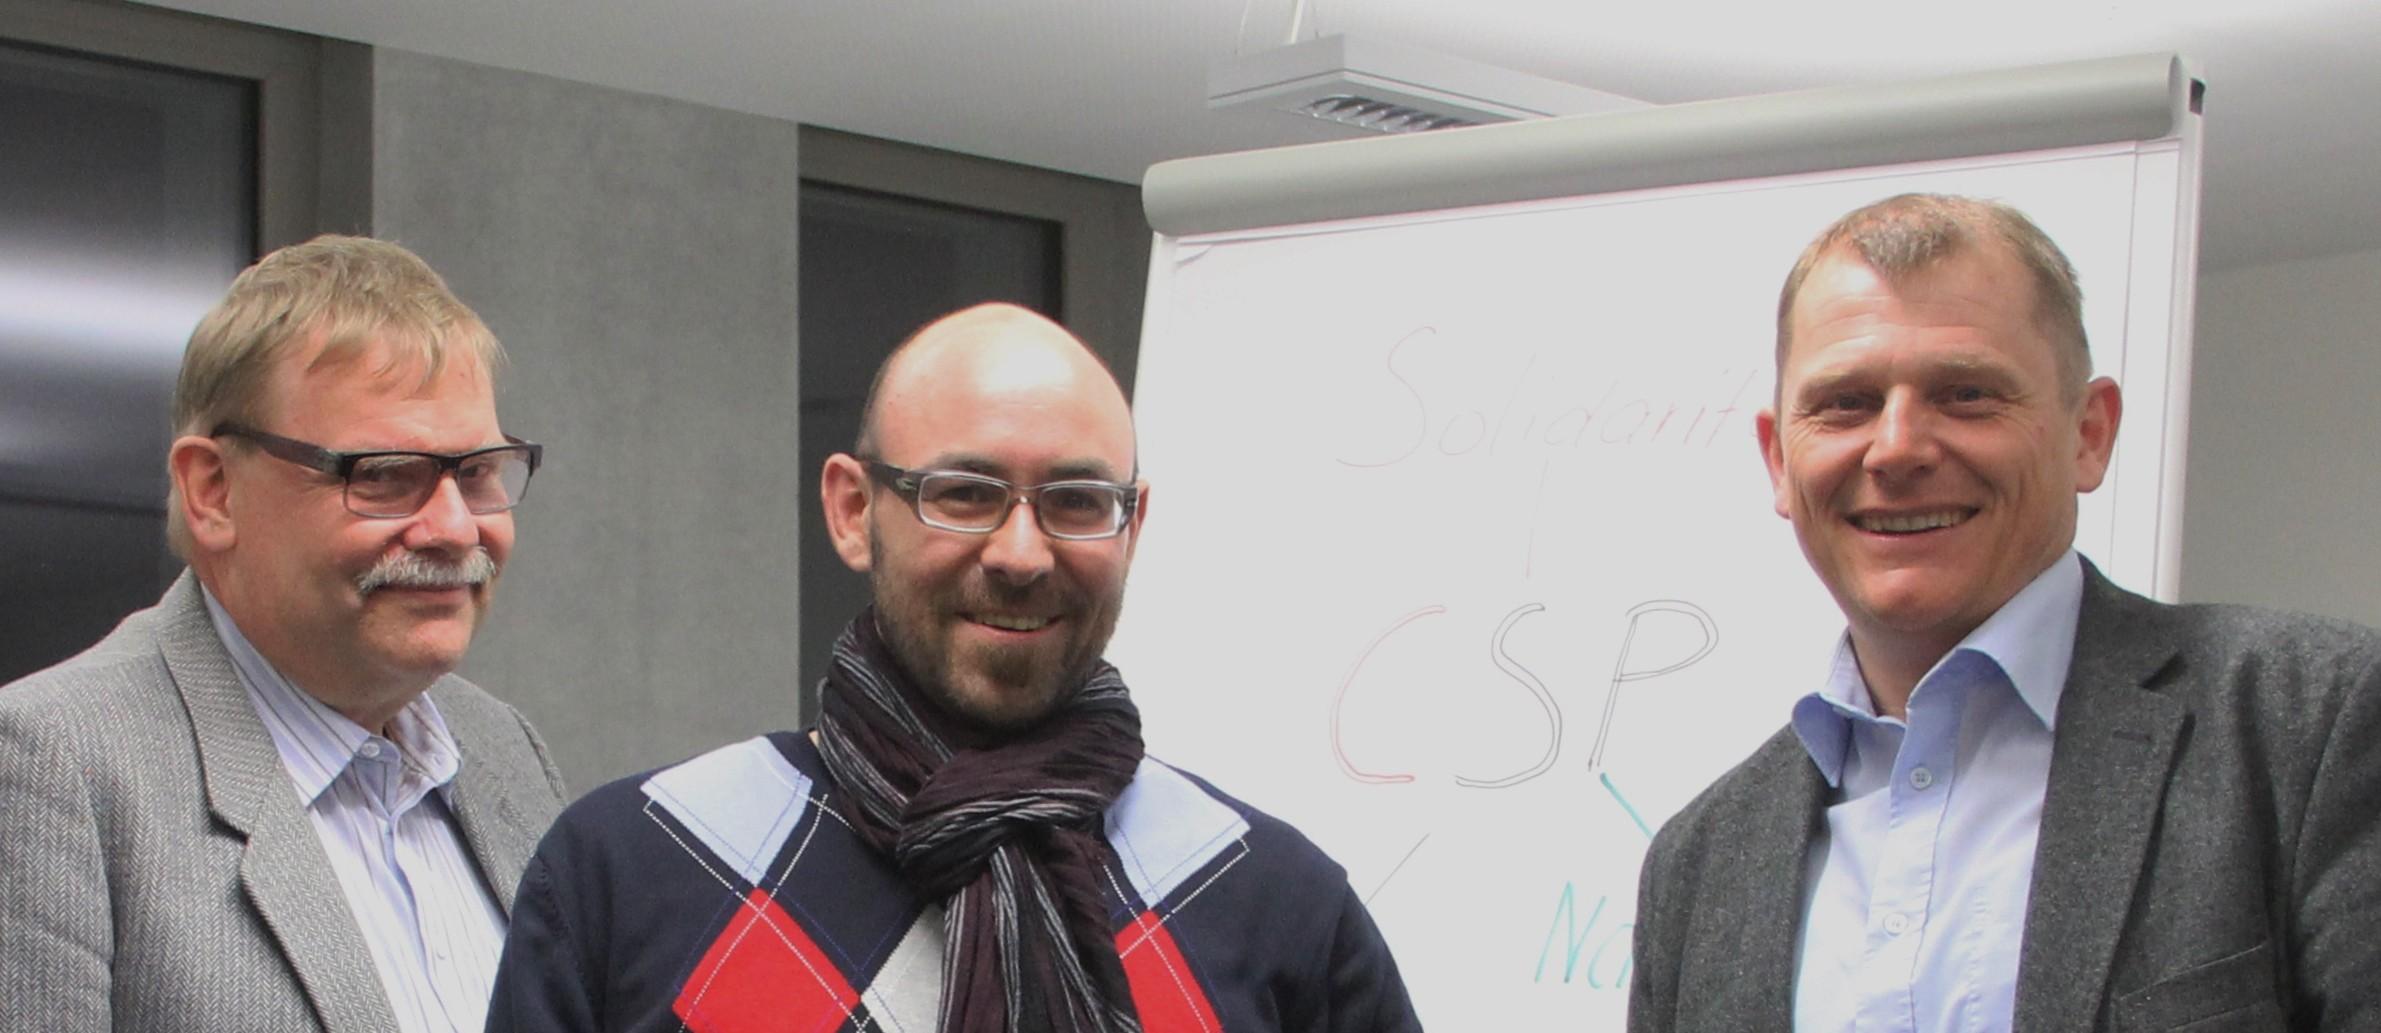 Frischer Wind für Vorstand der CSP Kanton St.Gallen